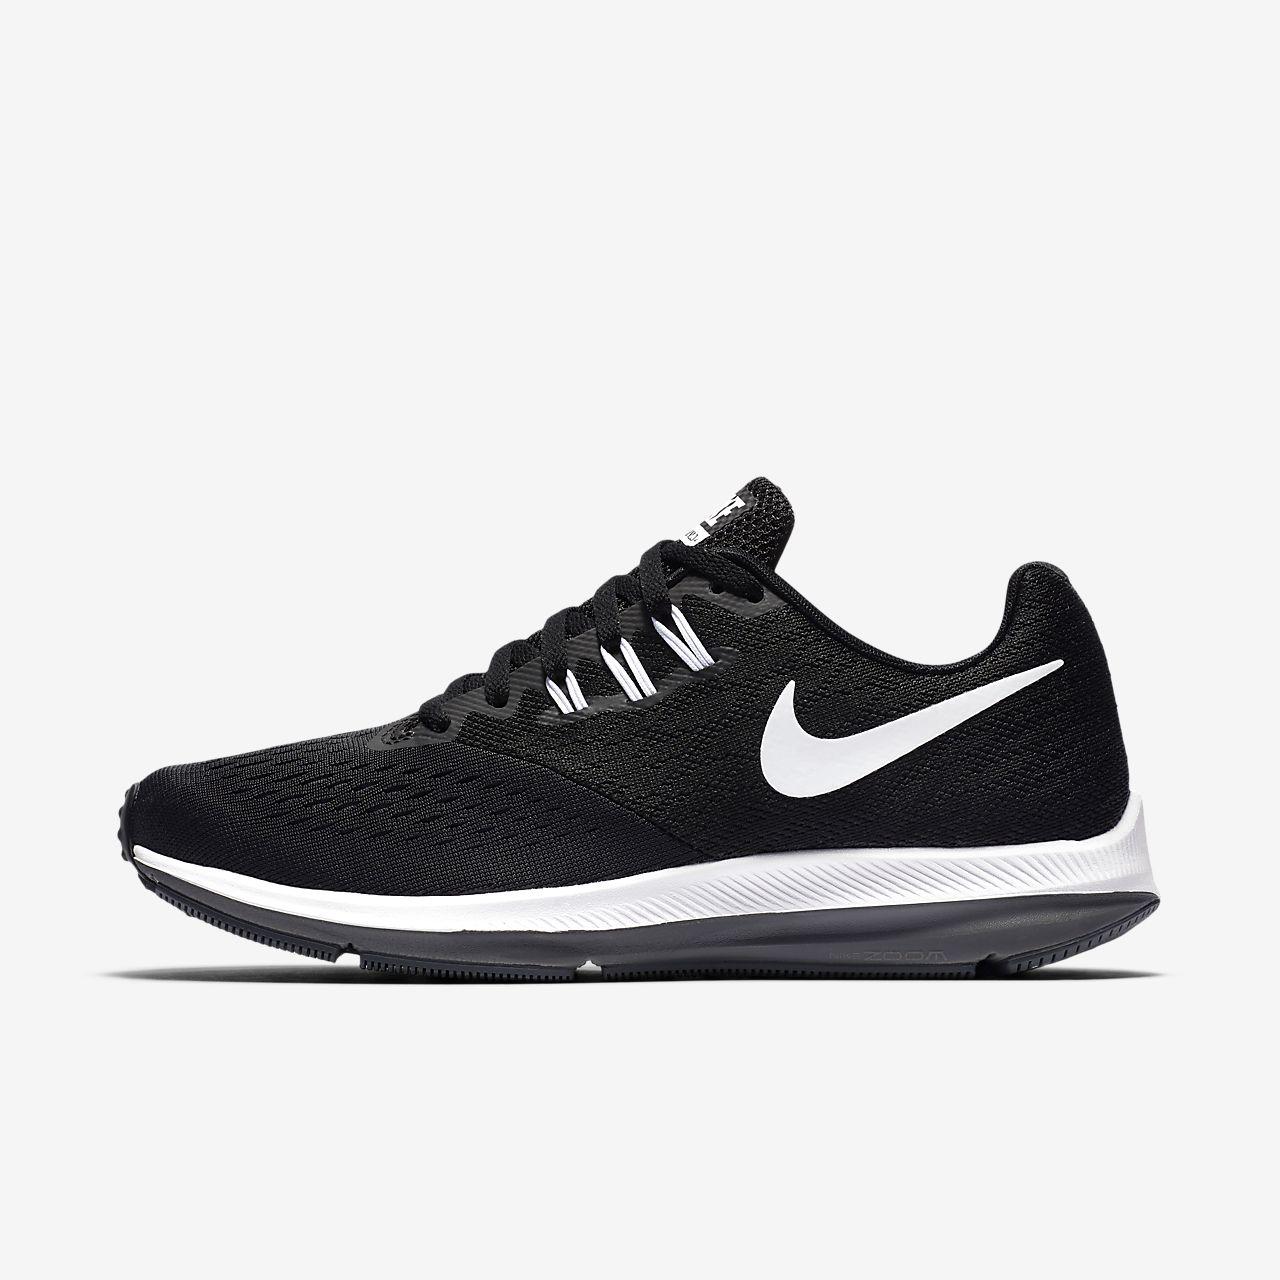 52de9bfc Damskie buty do biegania Nike Zoom Winflo 4. Nike.com PL